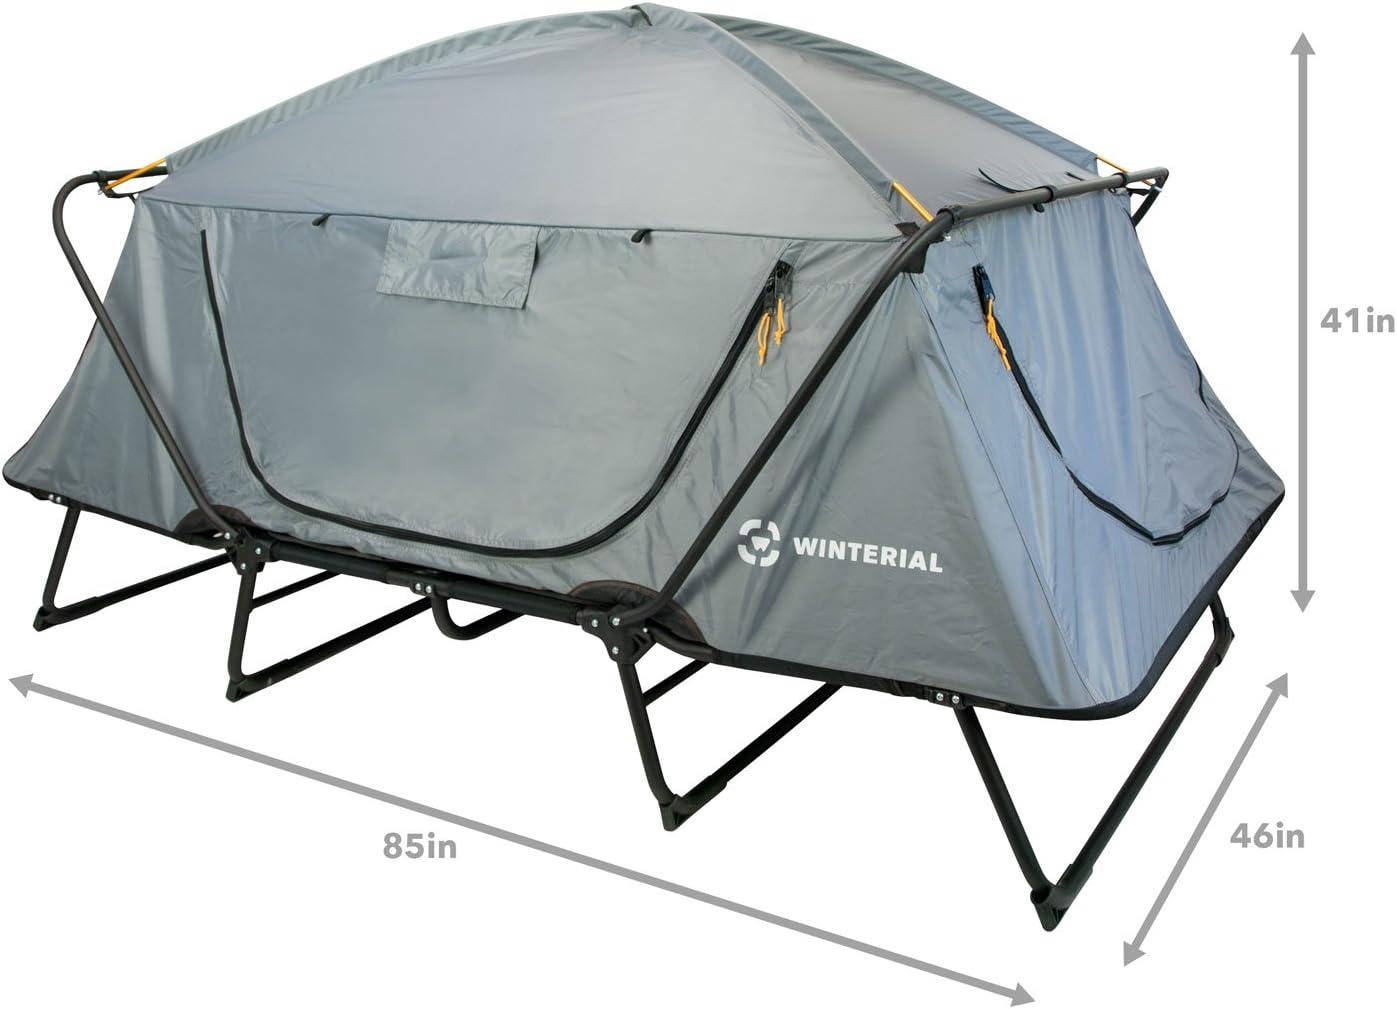 Winterial - Tienda de campaña Doble para Exteriores, Plataforma elevada para Dormir con Marco de Aluminio Plegable